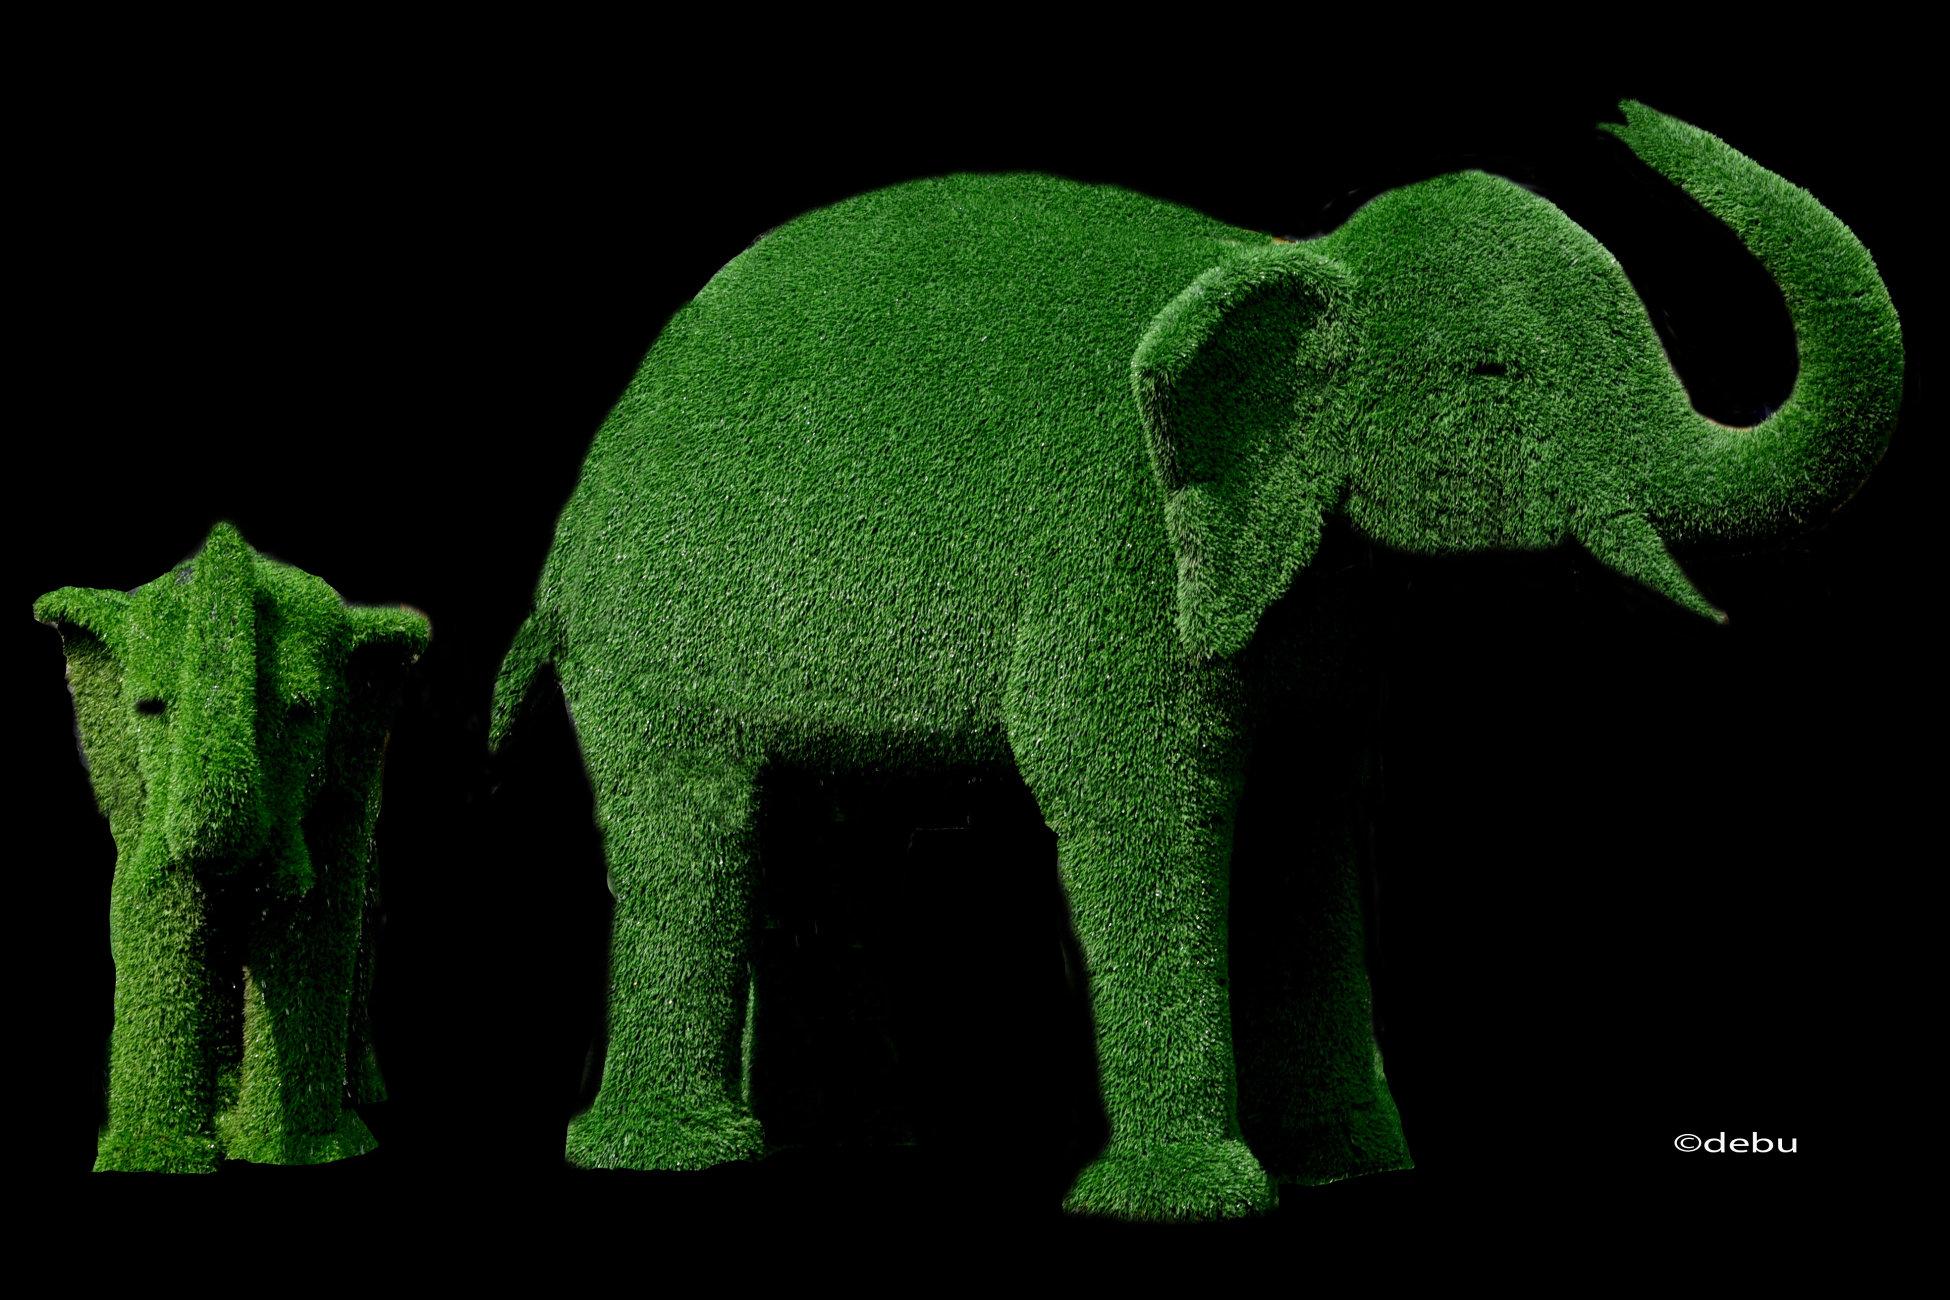 Elephants symbolise wisdom and royal power.